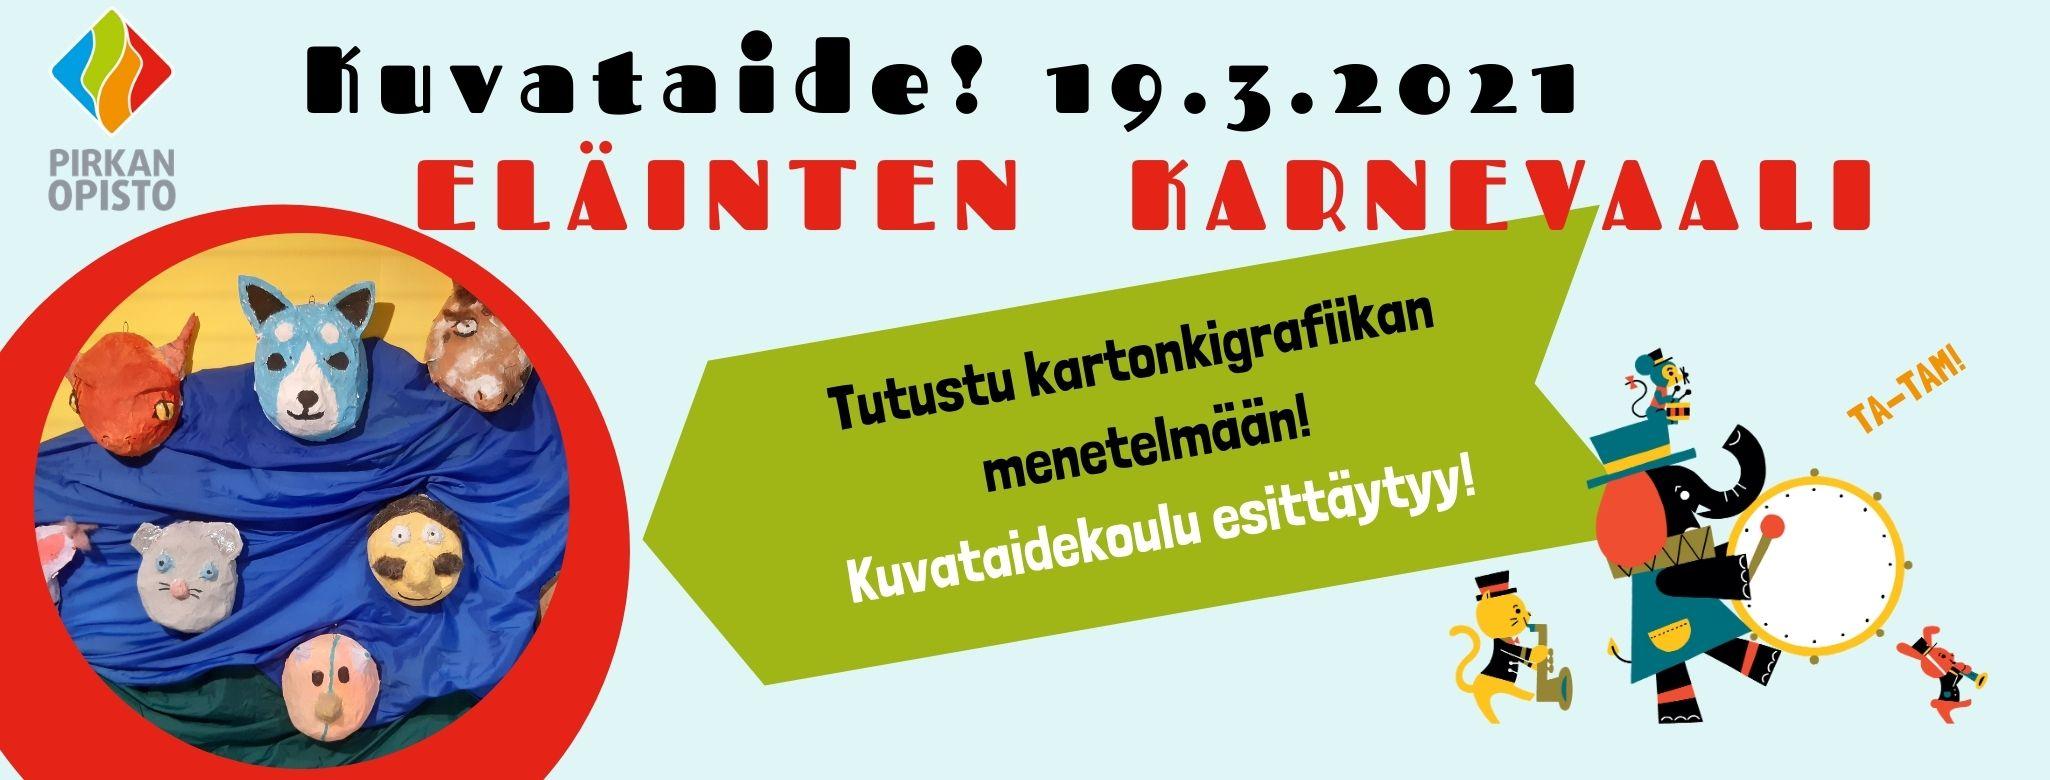 Eläinten karnevaali Kuvataidekoulu esittäytyy 19.3.